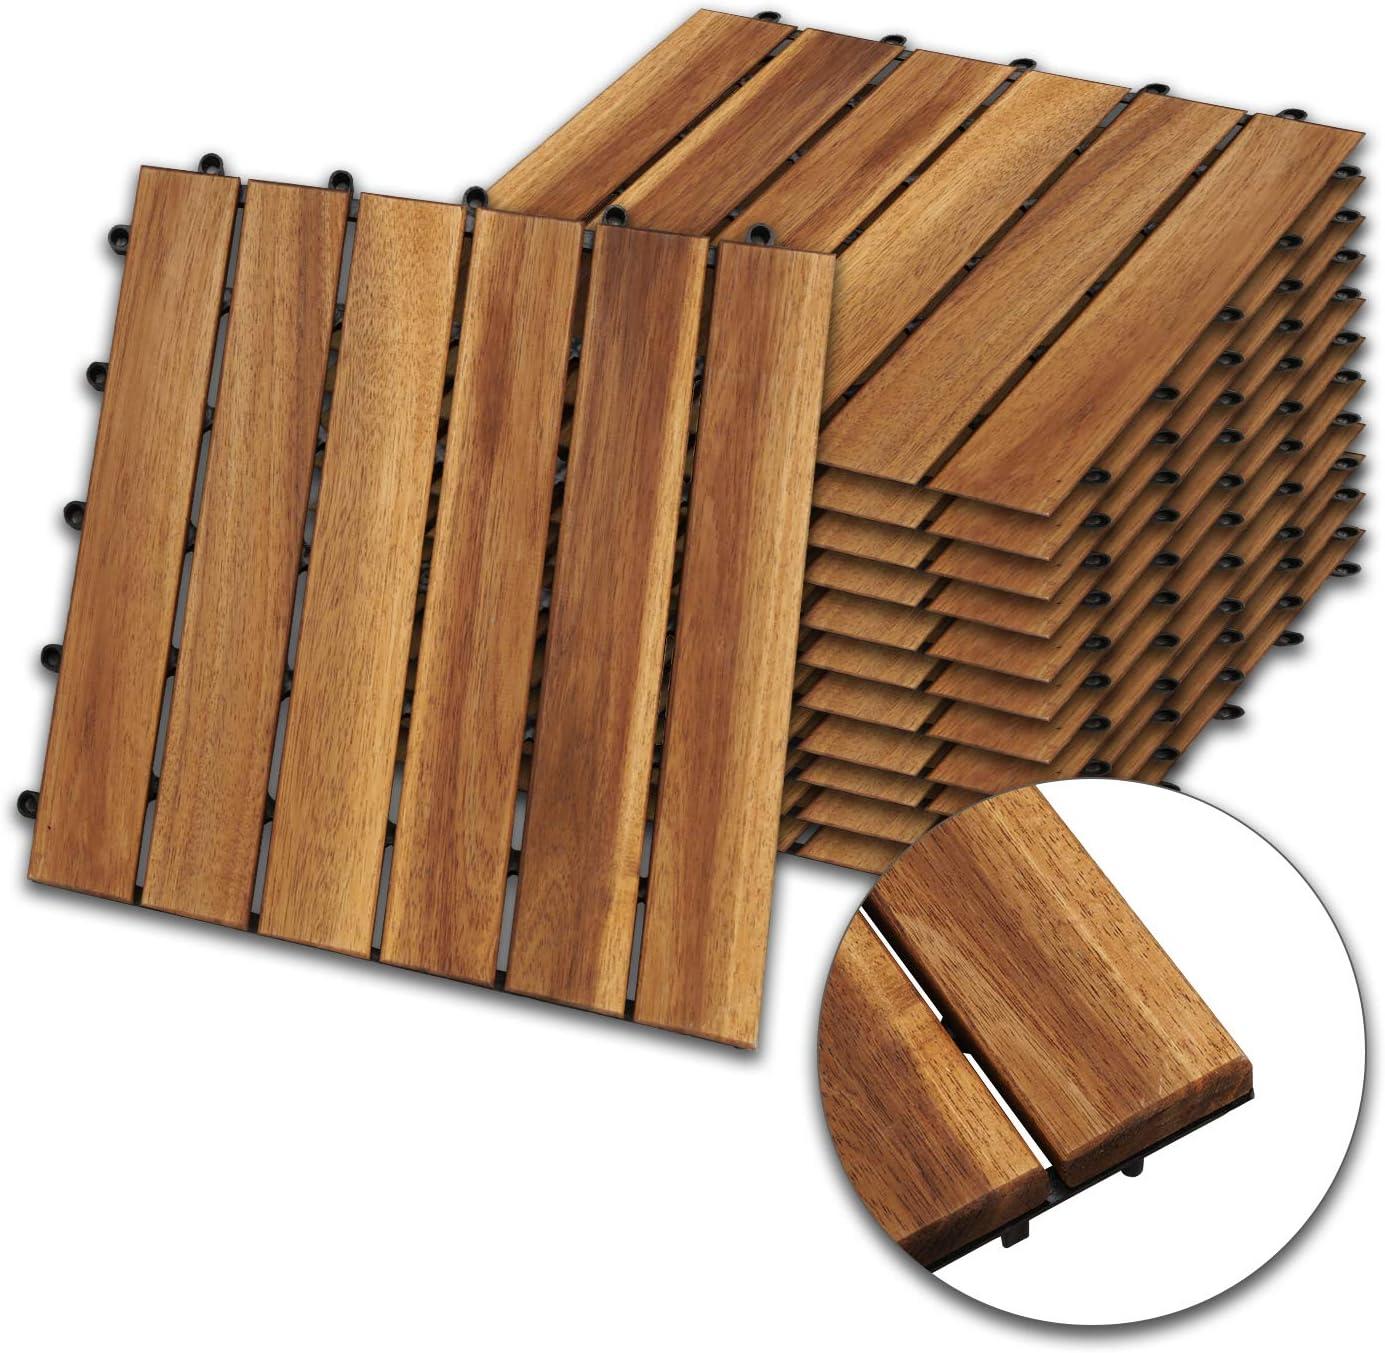 Akazien-Holz Holzfliesen mit Drainage, Klick-Fliesen für Balkon